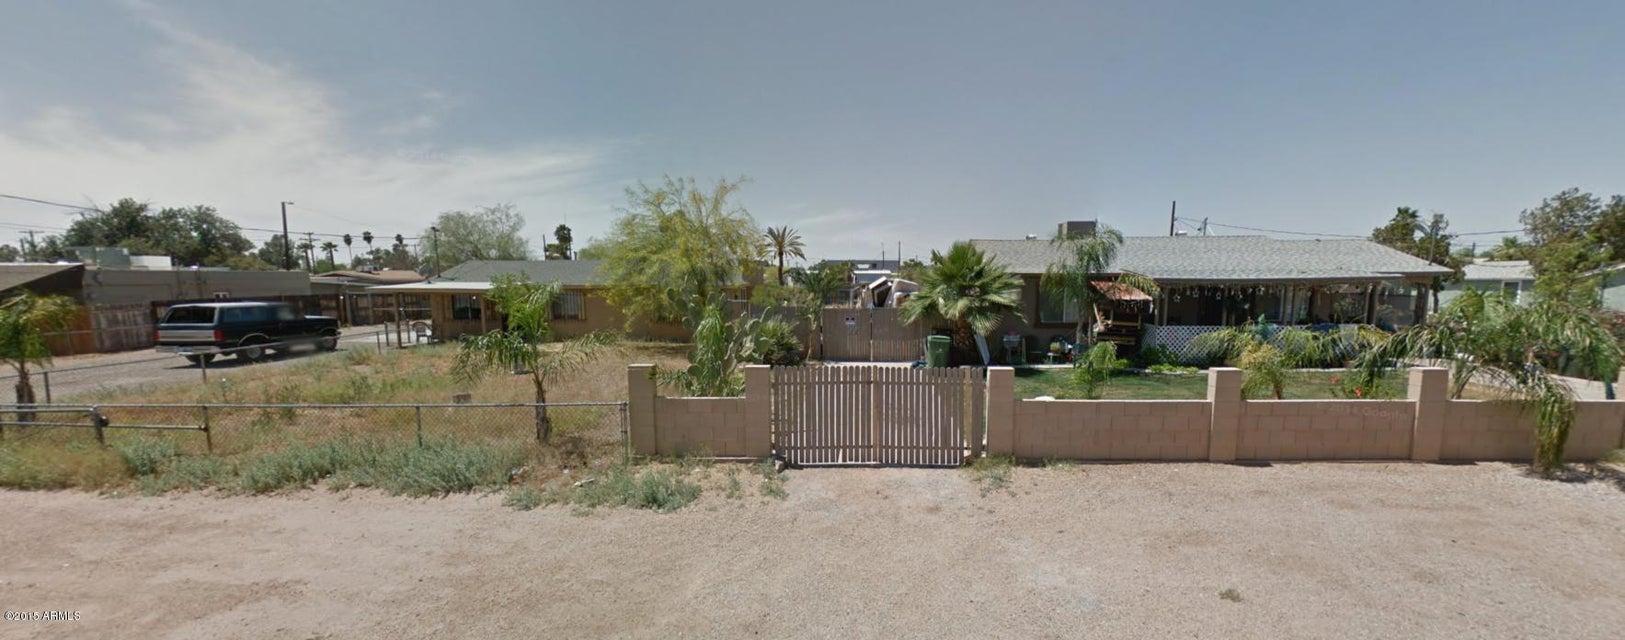 6806 N 25TH Drive, Phoenix, AZ 85017